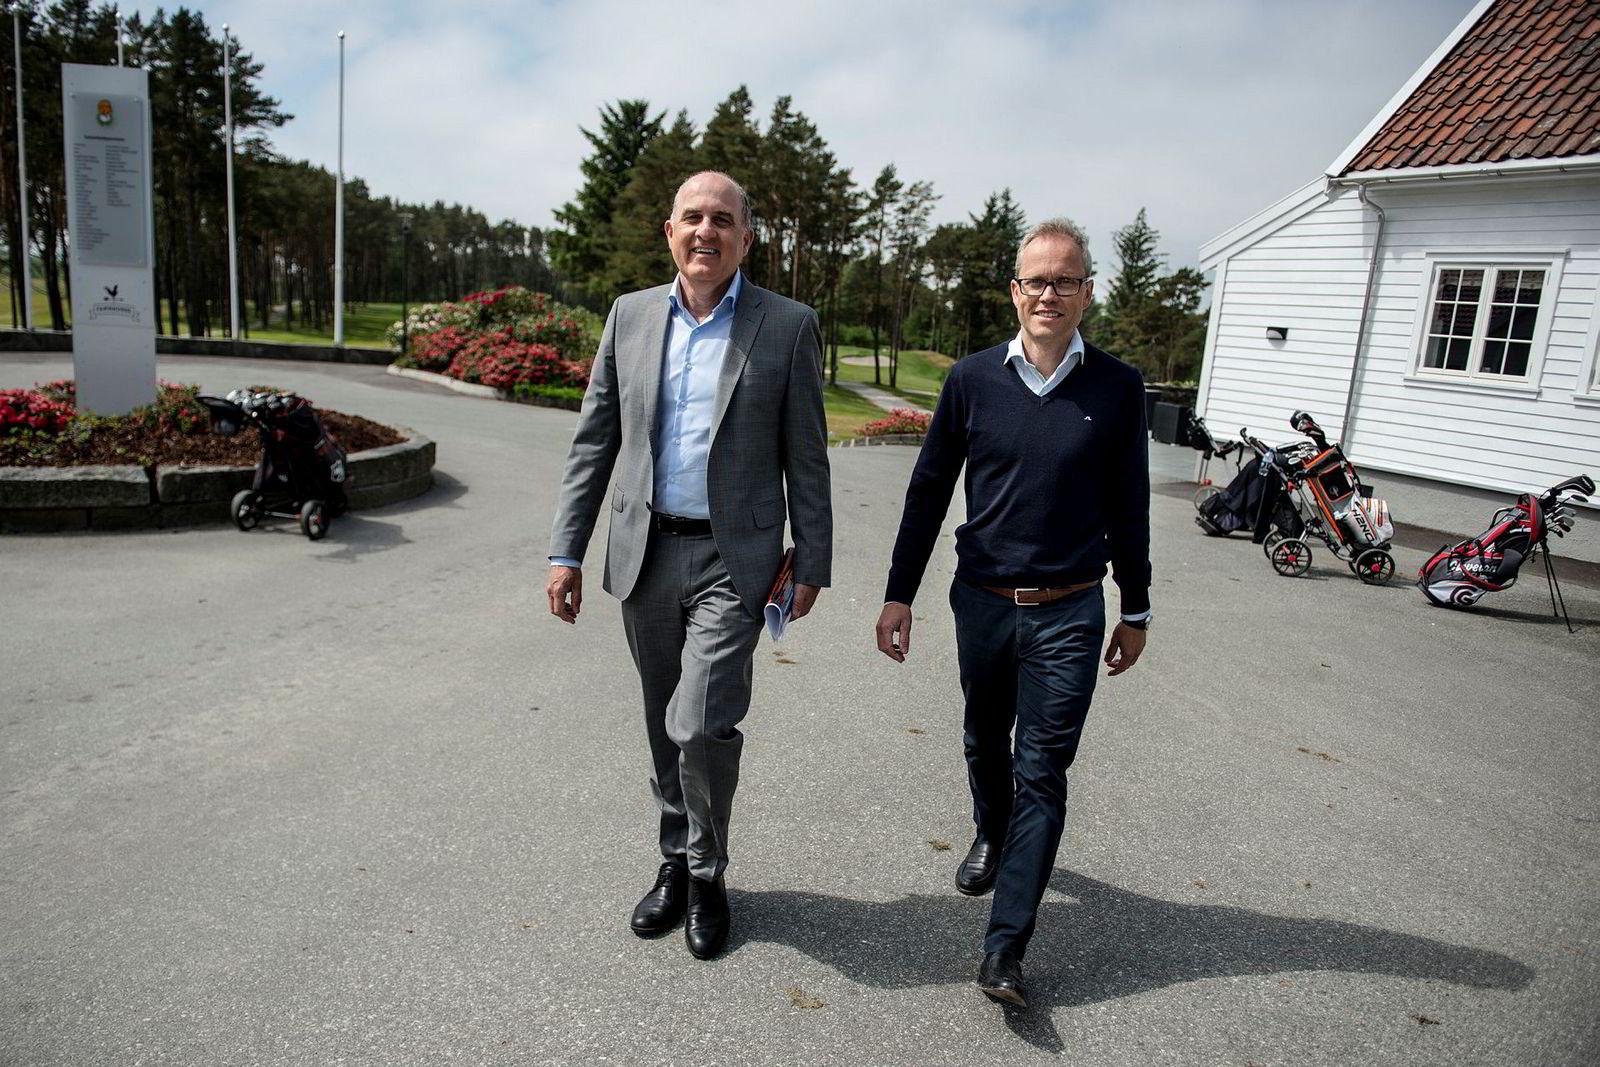 Solen skinner på Vestlandet. Konserndirektør Tore Medhus og sjeføkonom Kyrre Knudsen fra Sparebank 1 SR-Bank kan rapportere om nesten grenseløs optimisme i oljebransjen.